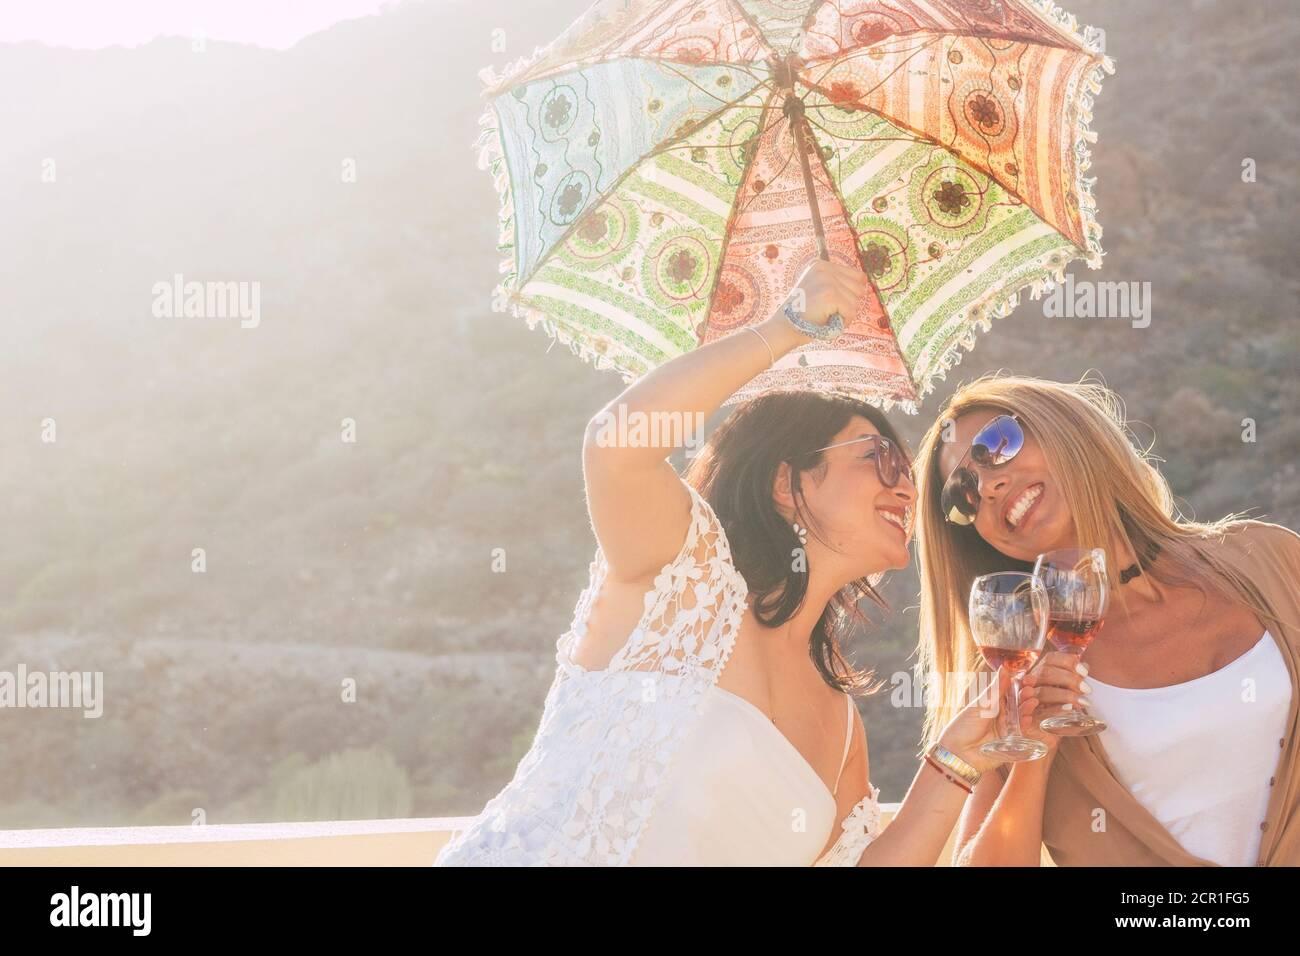 La gente alegre disfruta del verano y del ocio al aire libre divertido actividad juntos - la gente de moda con accesorios de colores se divierten y se ríen en amistad - Foto de stock